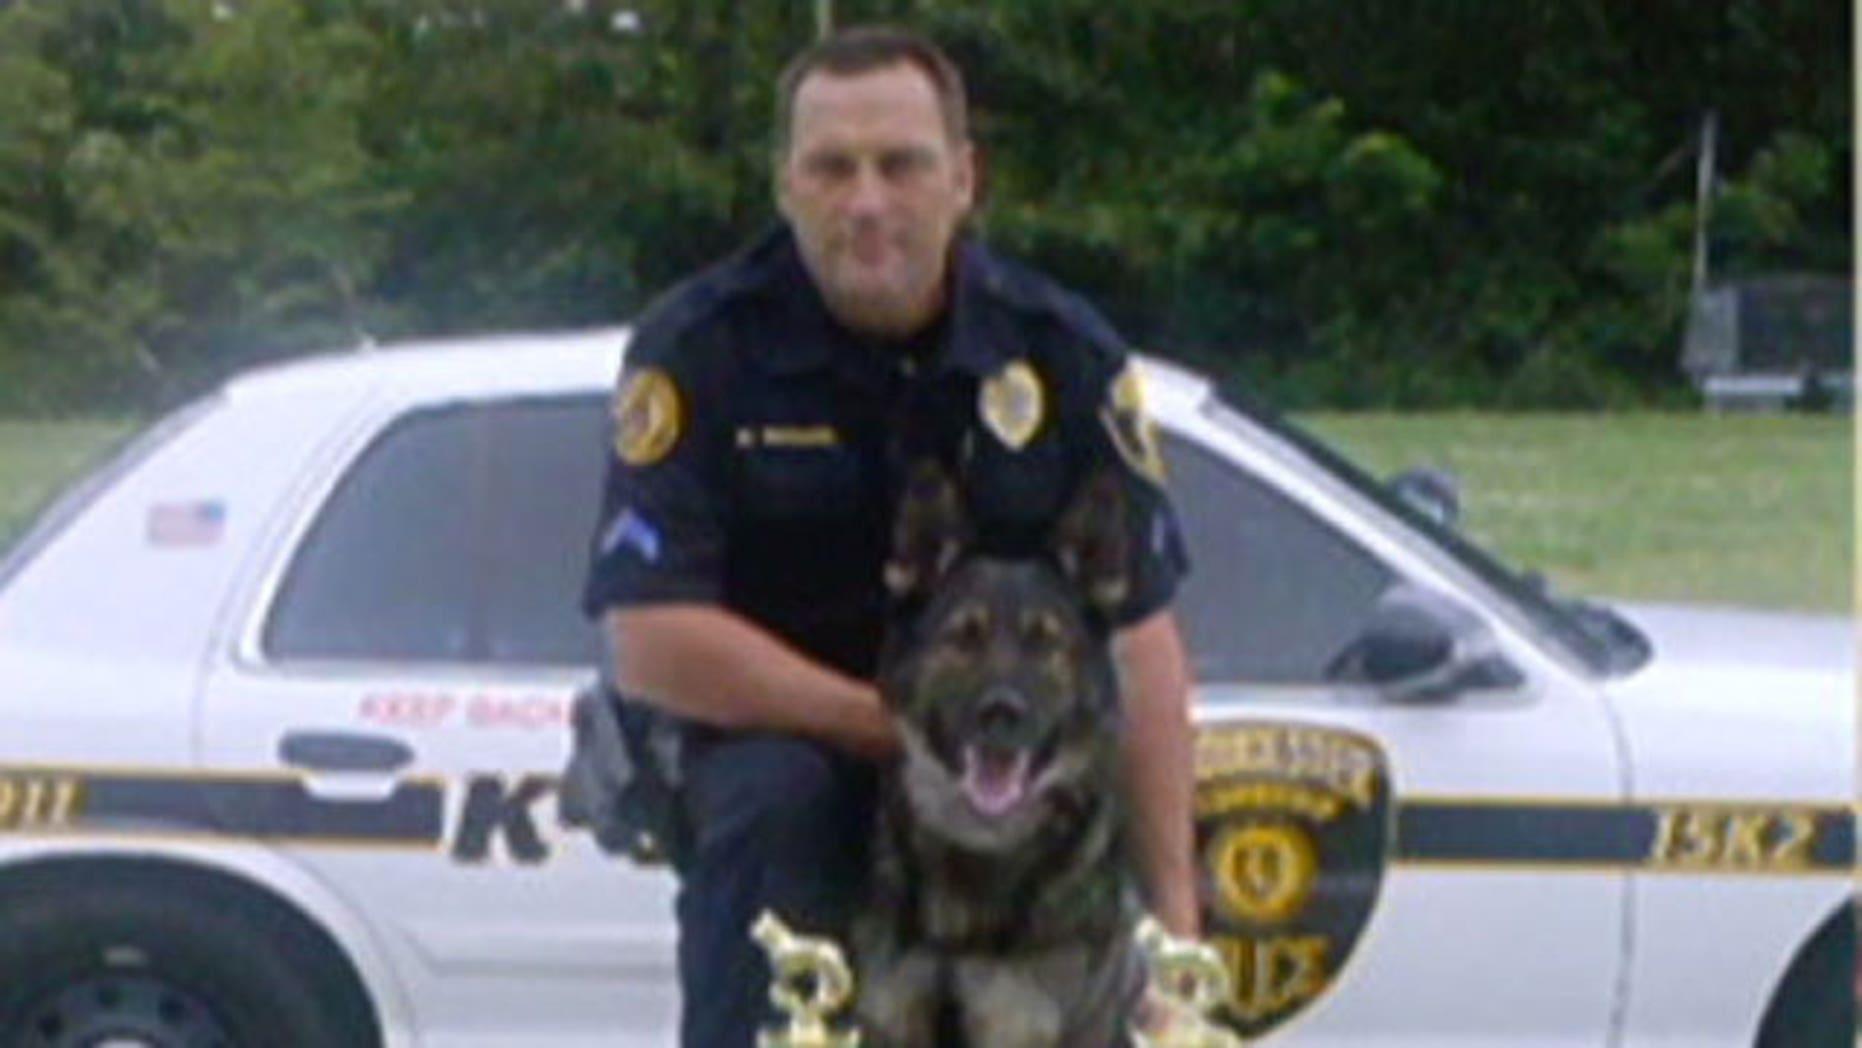 NJ K9 killed in the line of duty November 30, 2010.